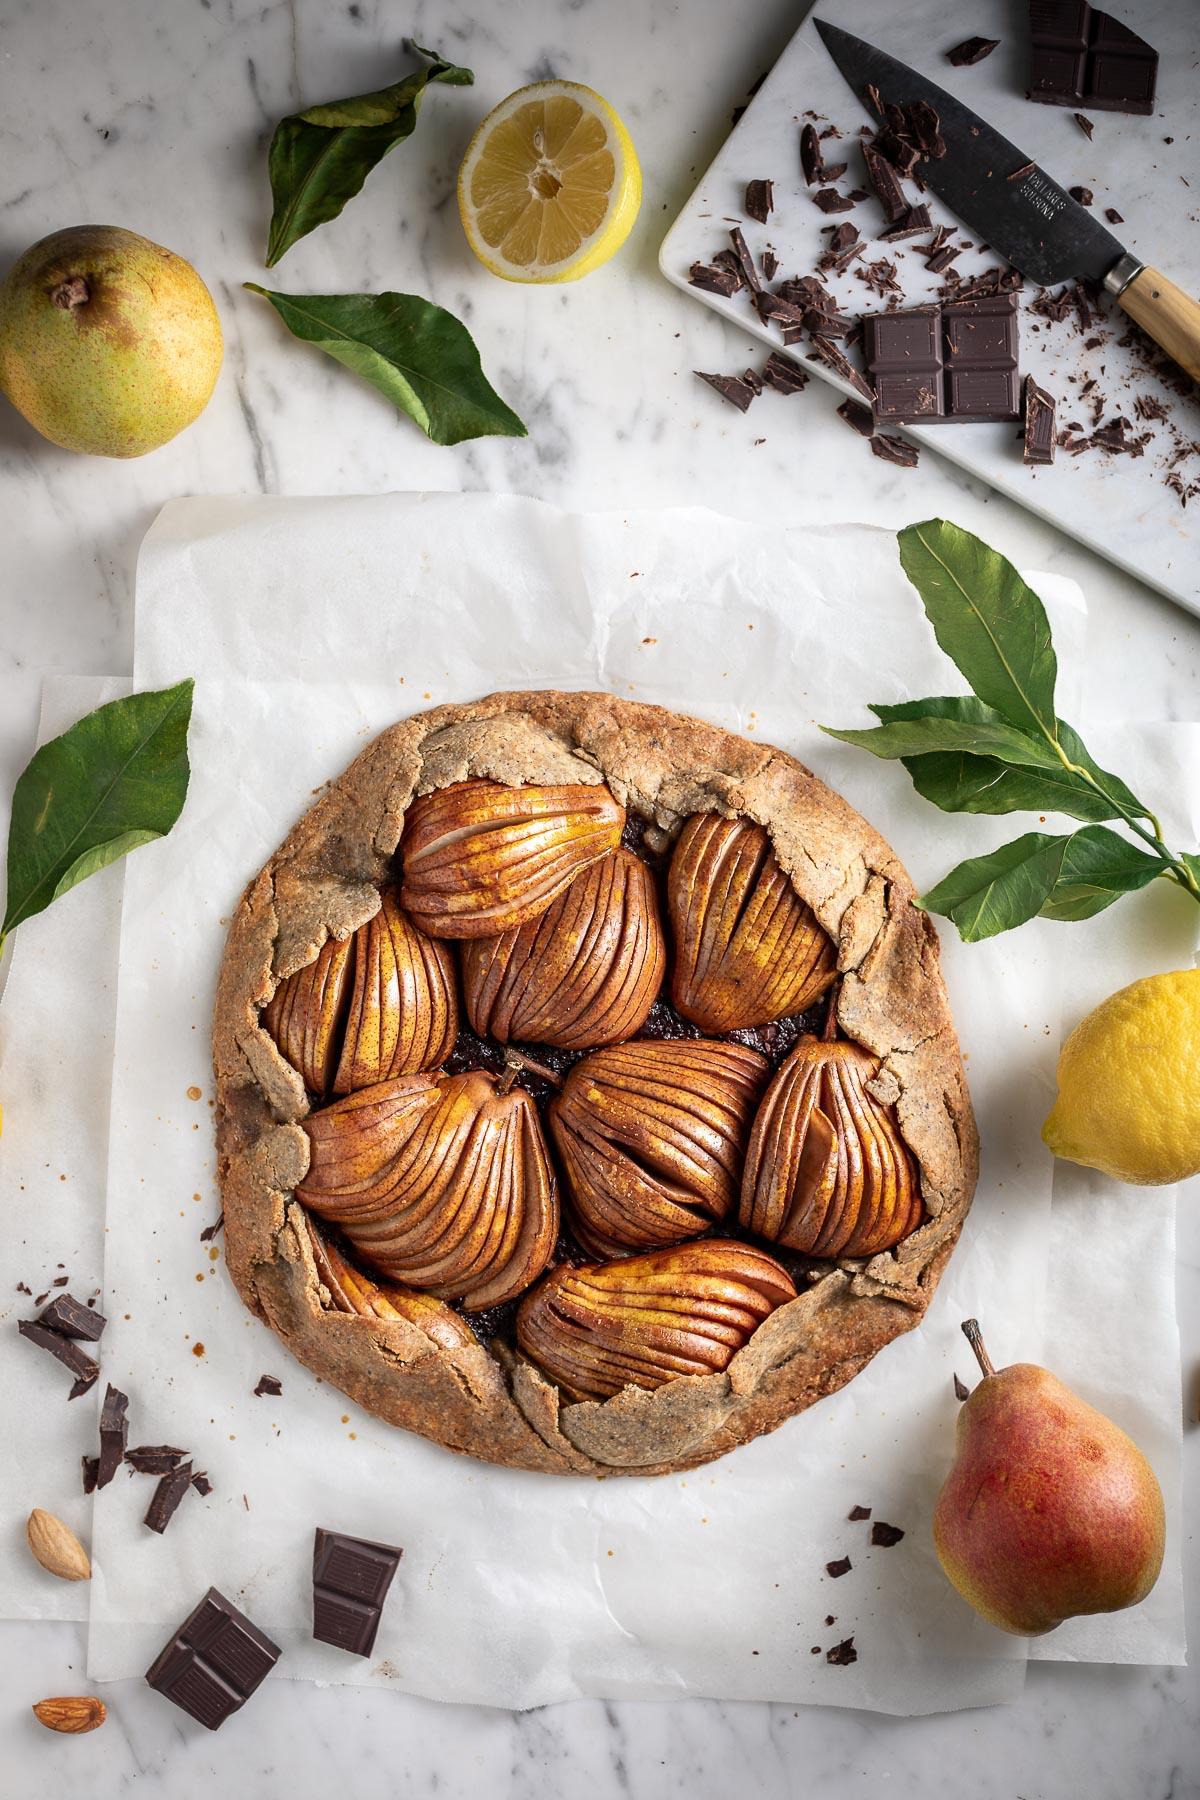 Gluten-free Buckwheat Almond Vegan Chocolate Pear Galette recipe Galette al cioccolato e pere vegan senza glutine pasta frolla grano saraceno e mandorle #pear #chocolate